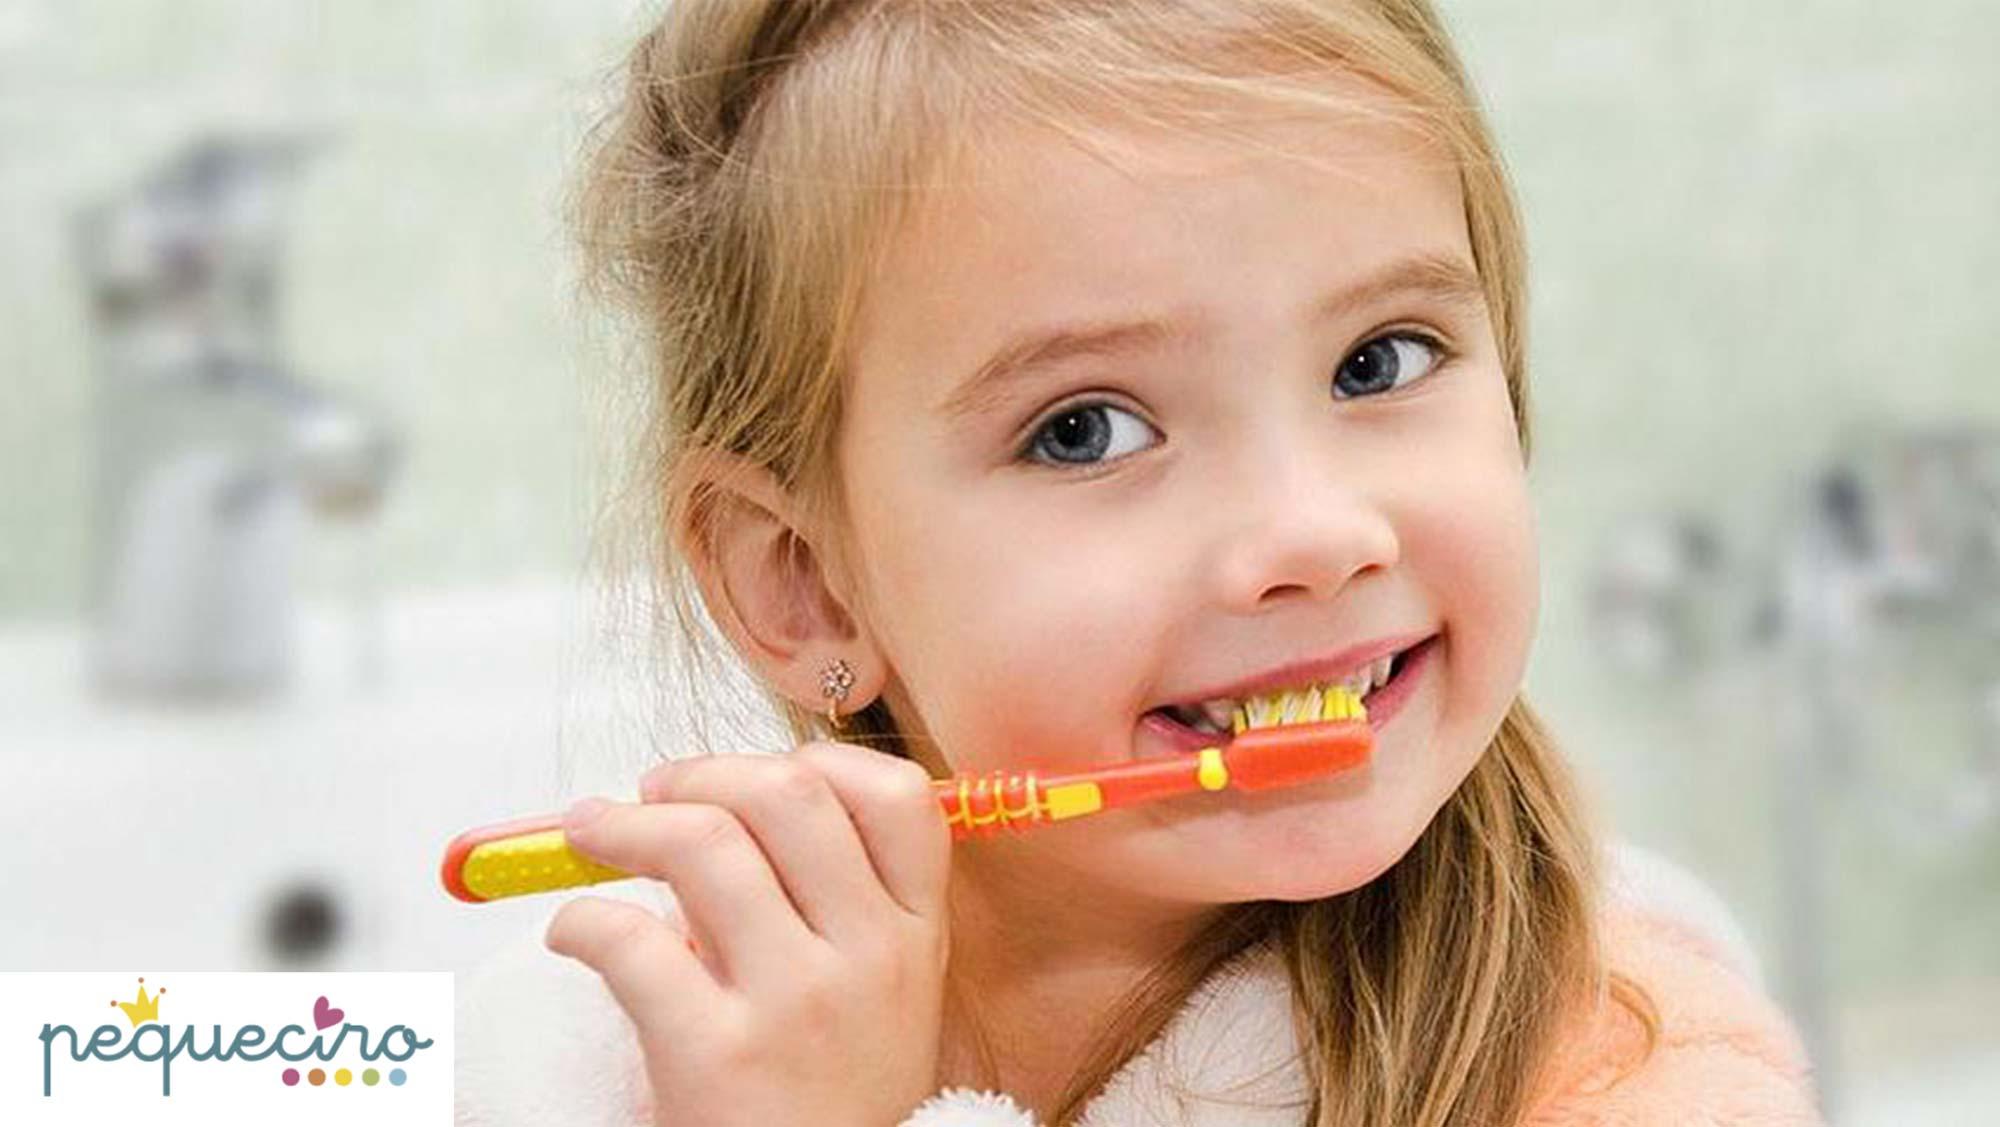 prevenir-gingivitis-en-ninos-pequeciro